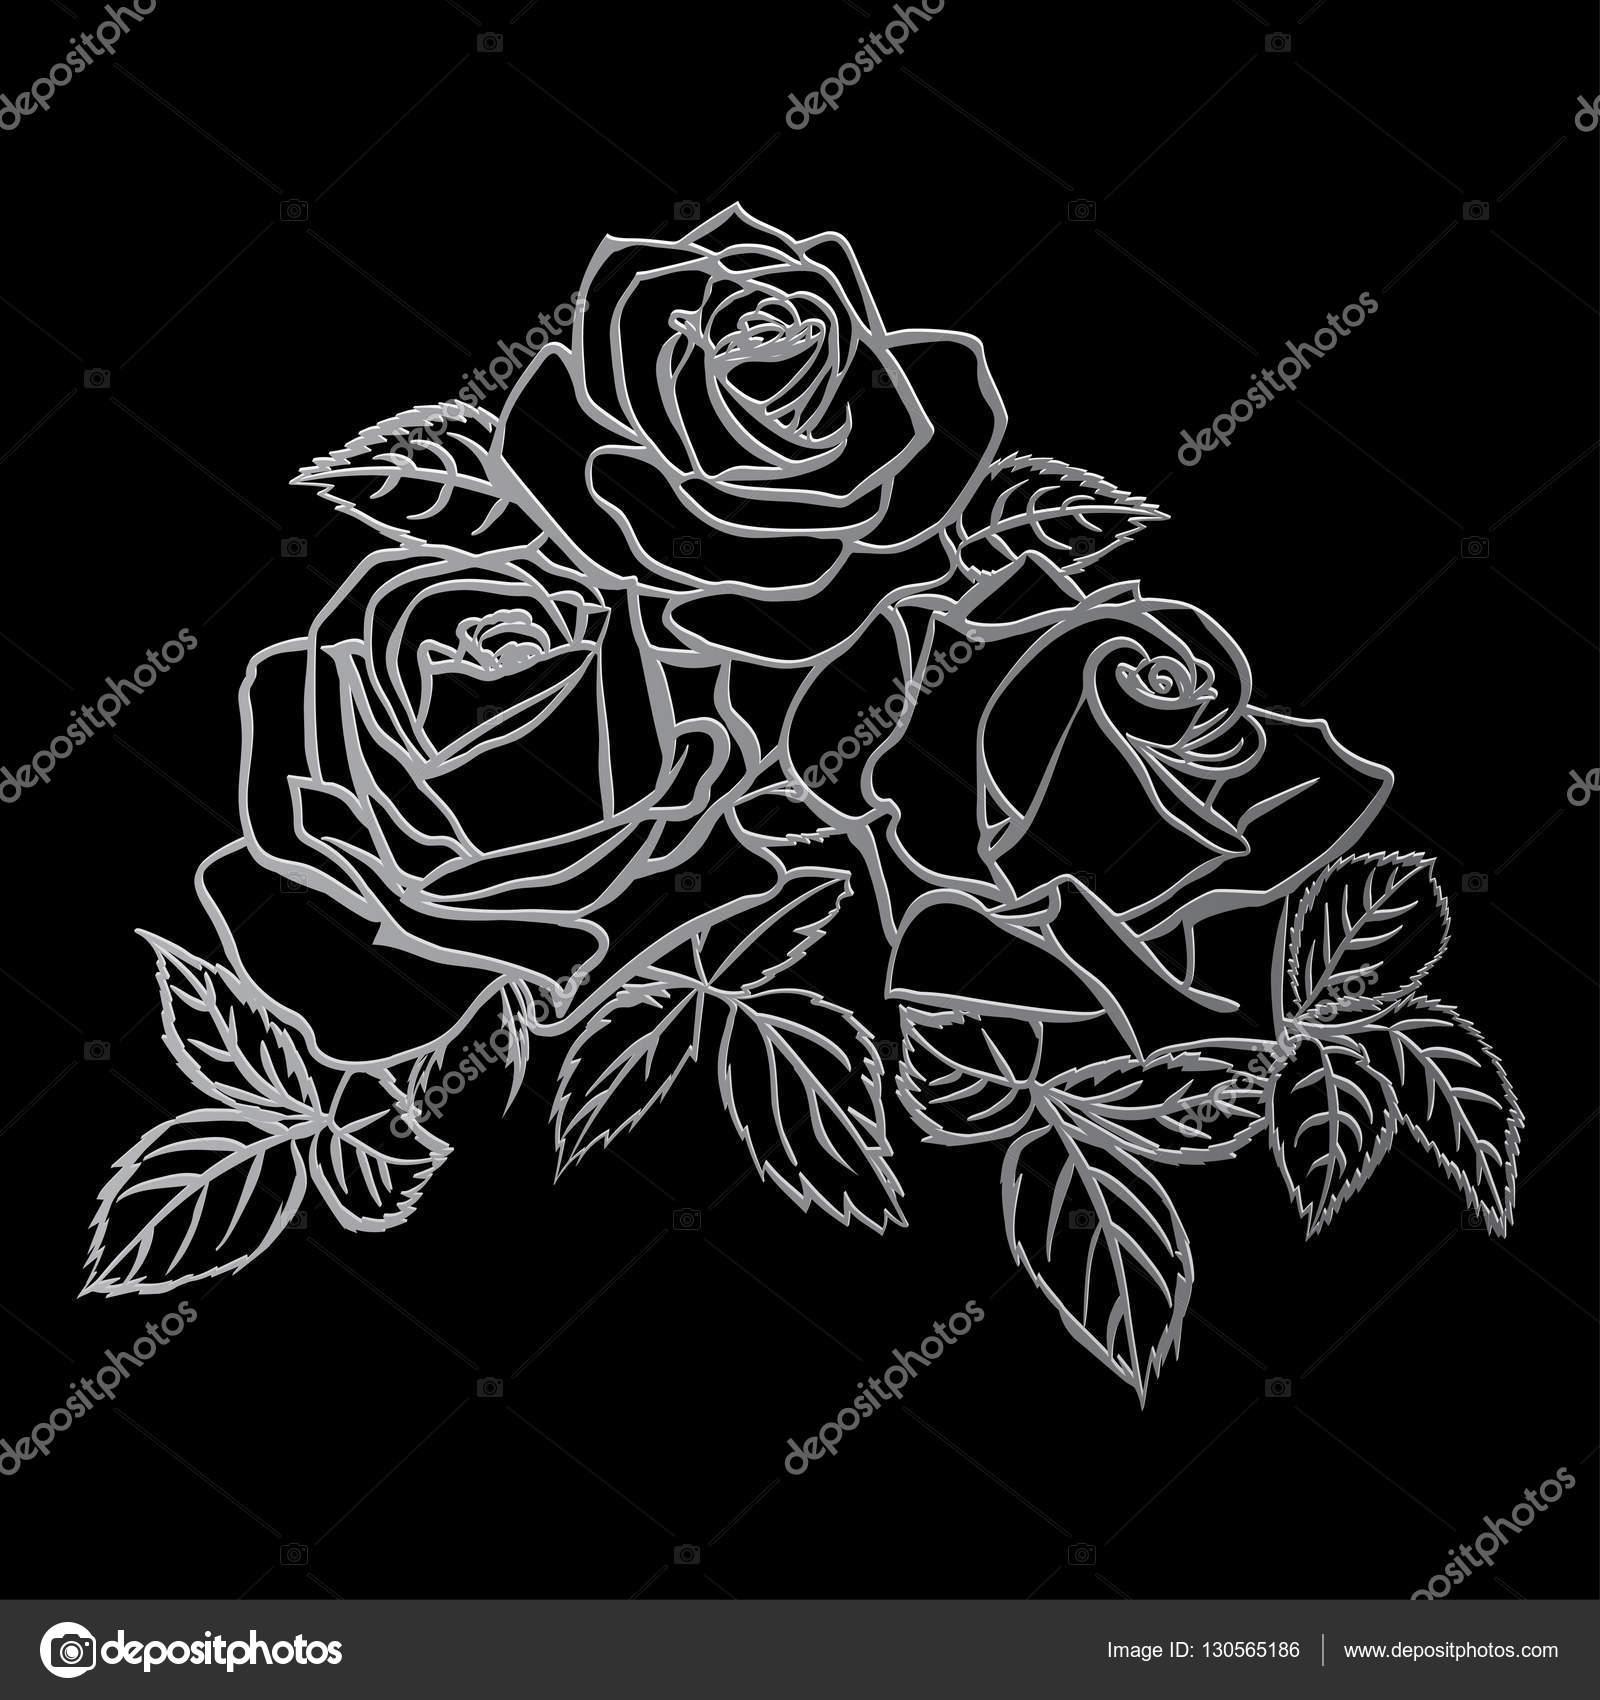 Rose Sketch Silver Outline On Black Background Vector Illustration By Likka